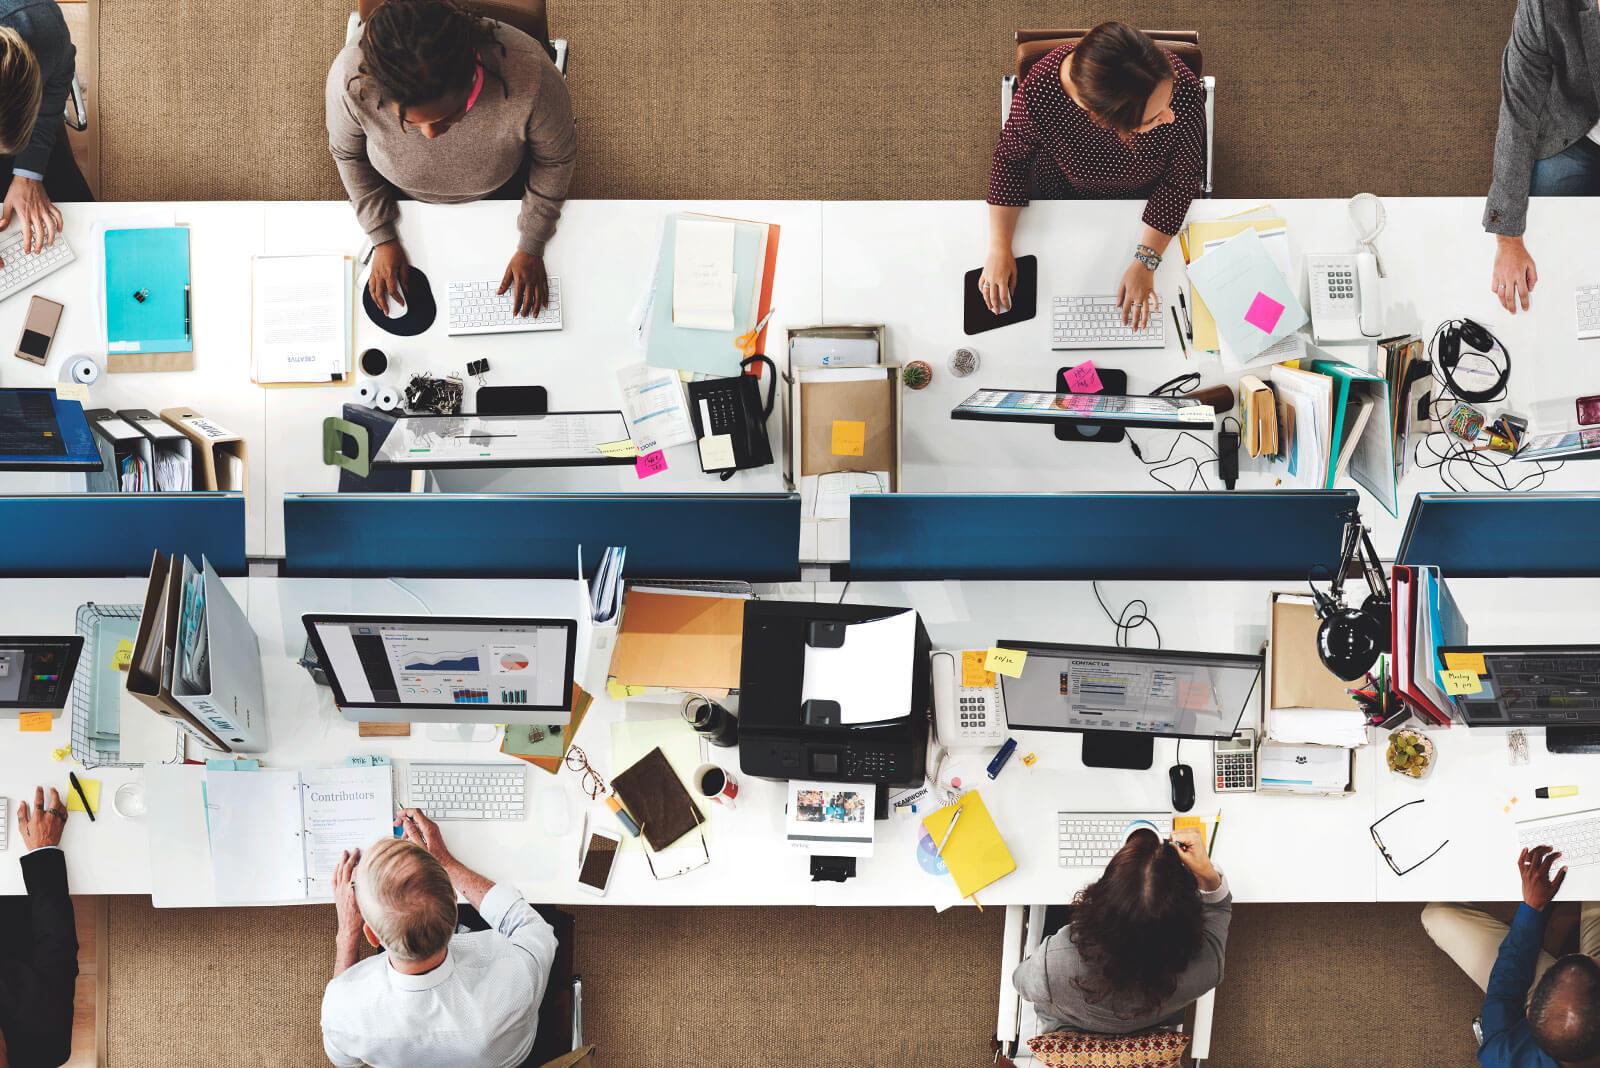 Ein Blick von oben auf einen Arbeitsplatz